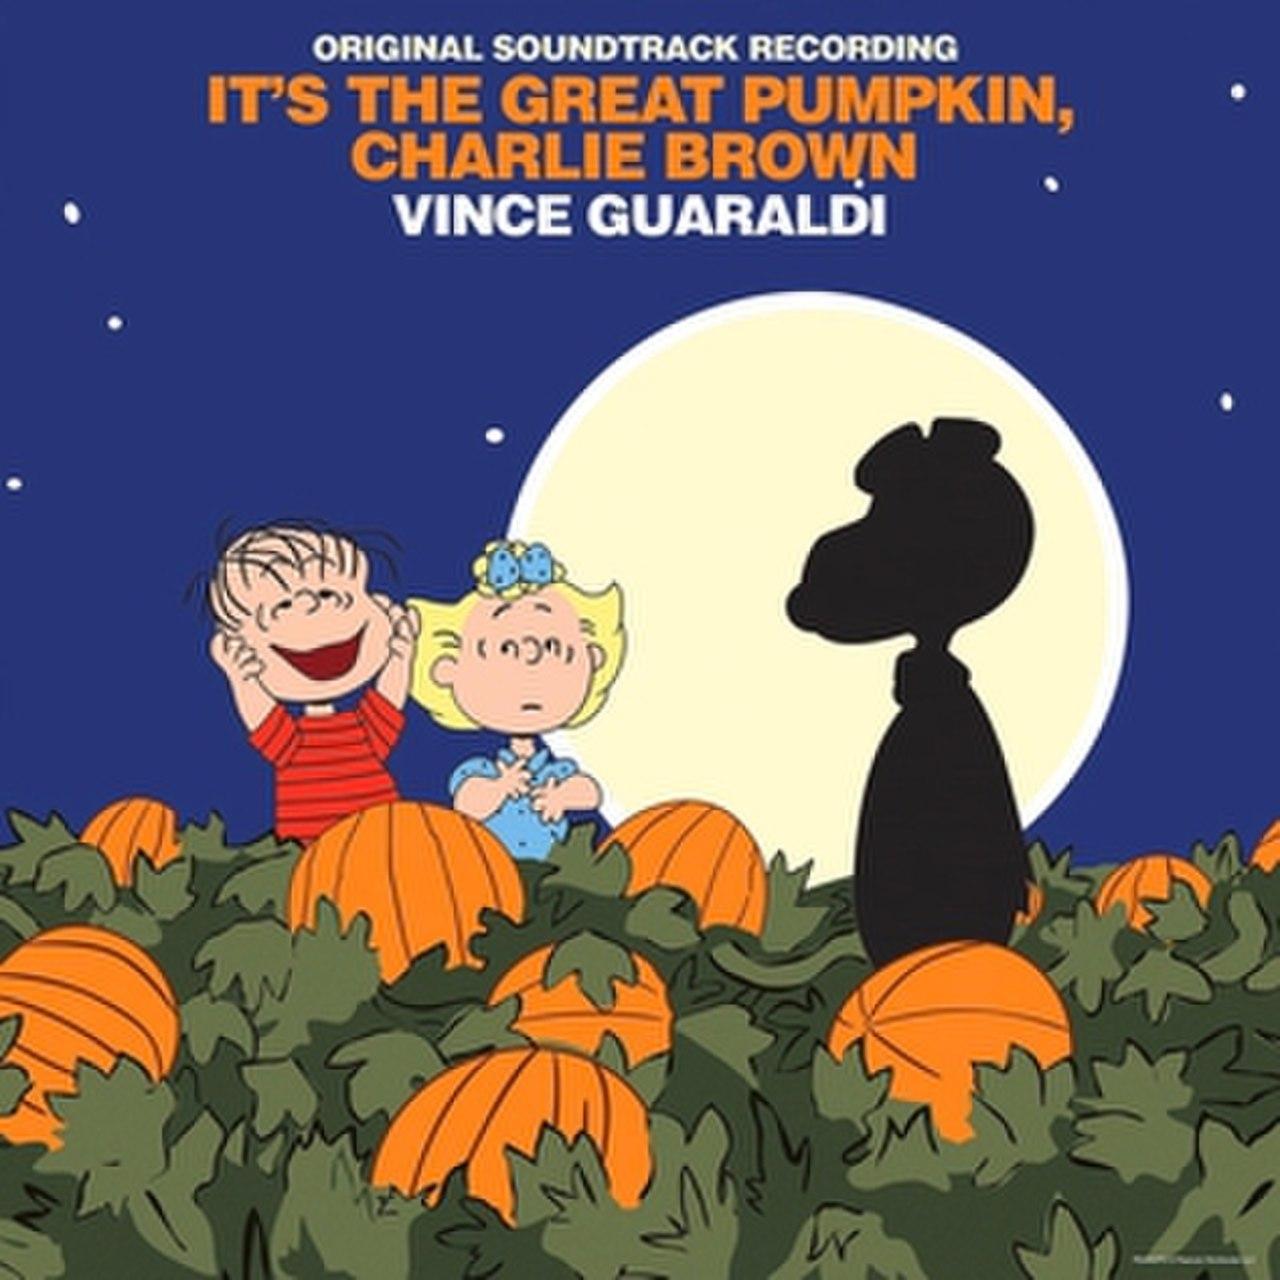 Es ist der große Kürbis, Charlie Brown Musik aus dem Soundtrack